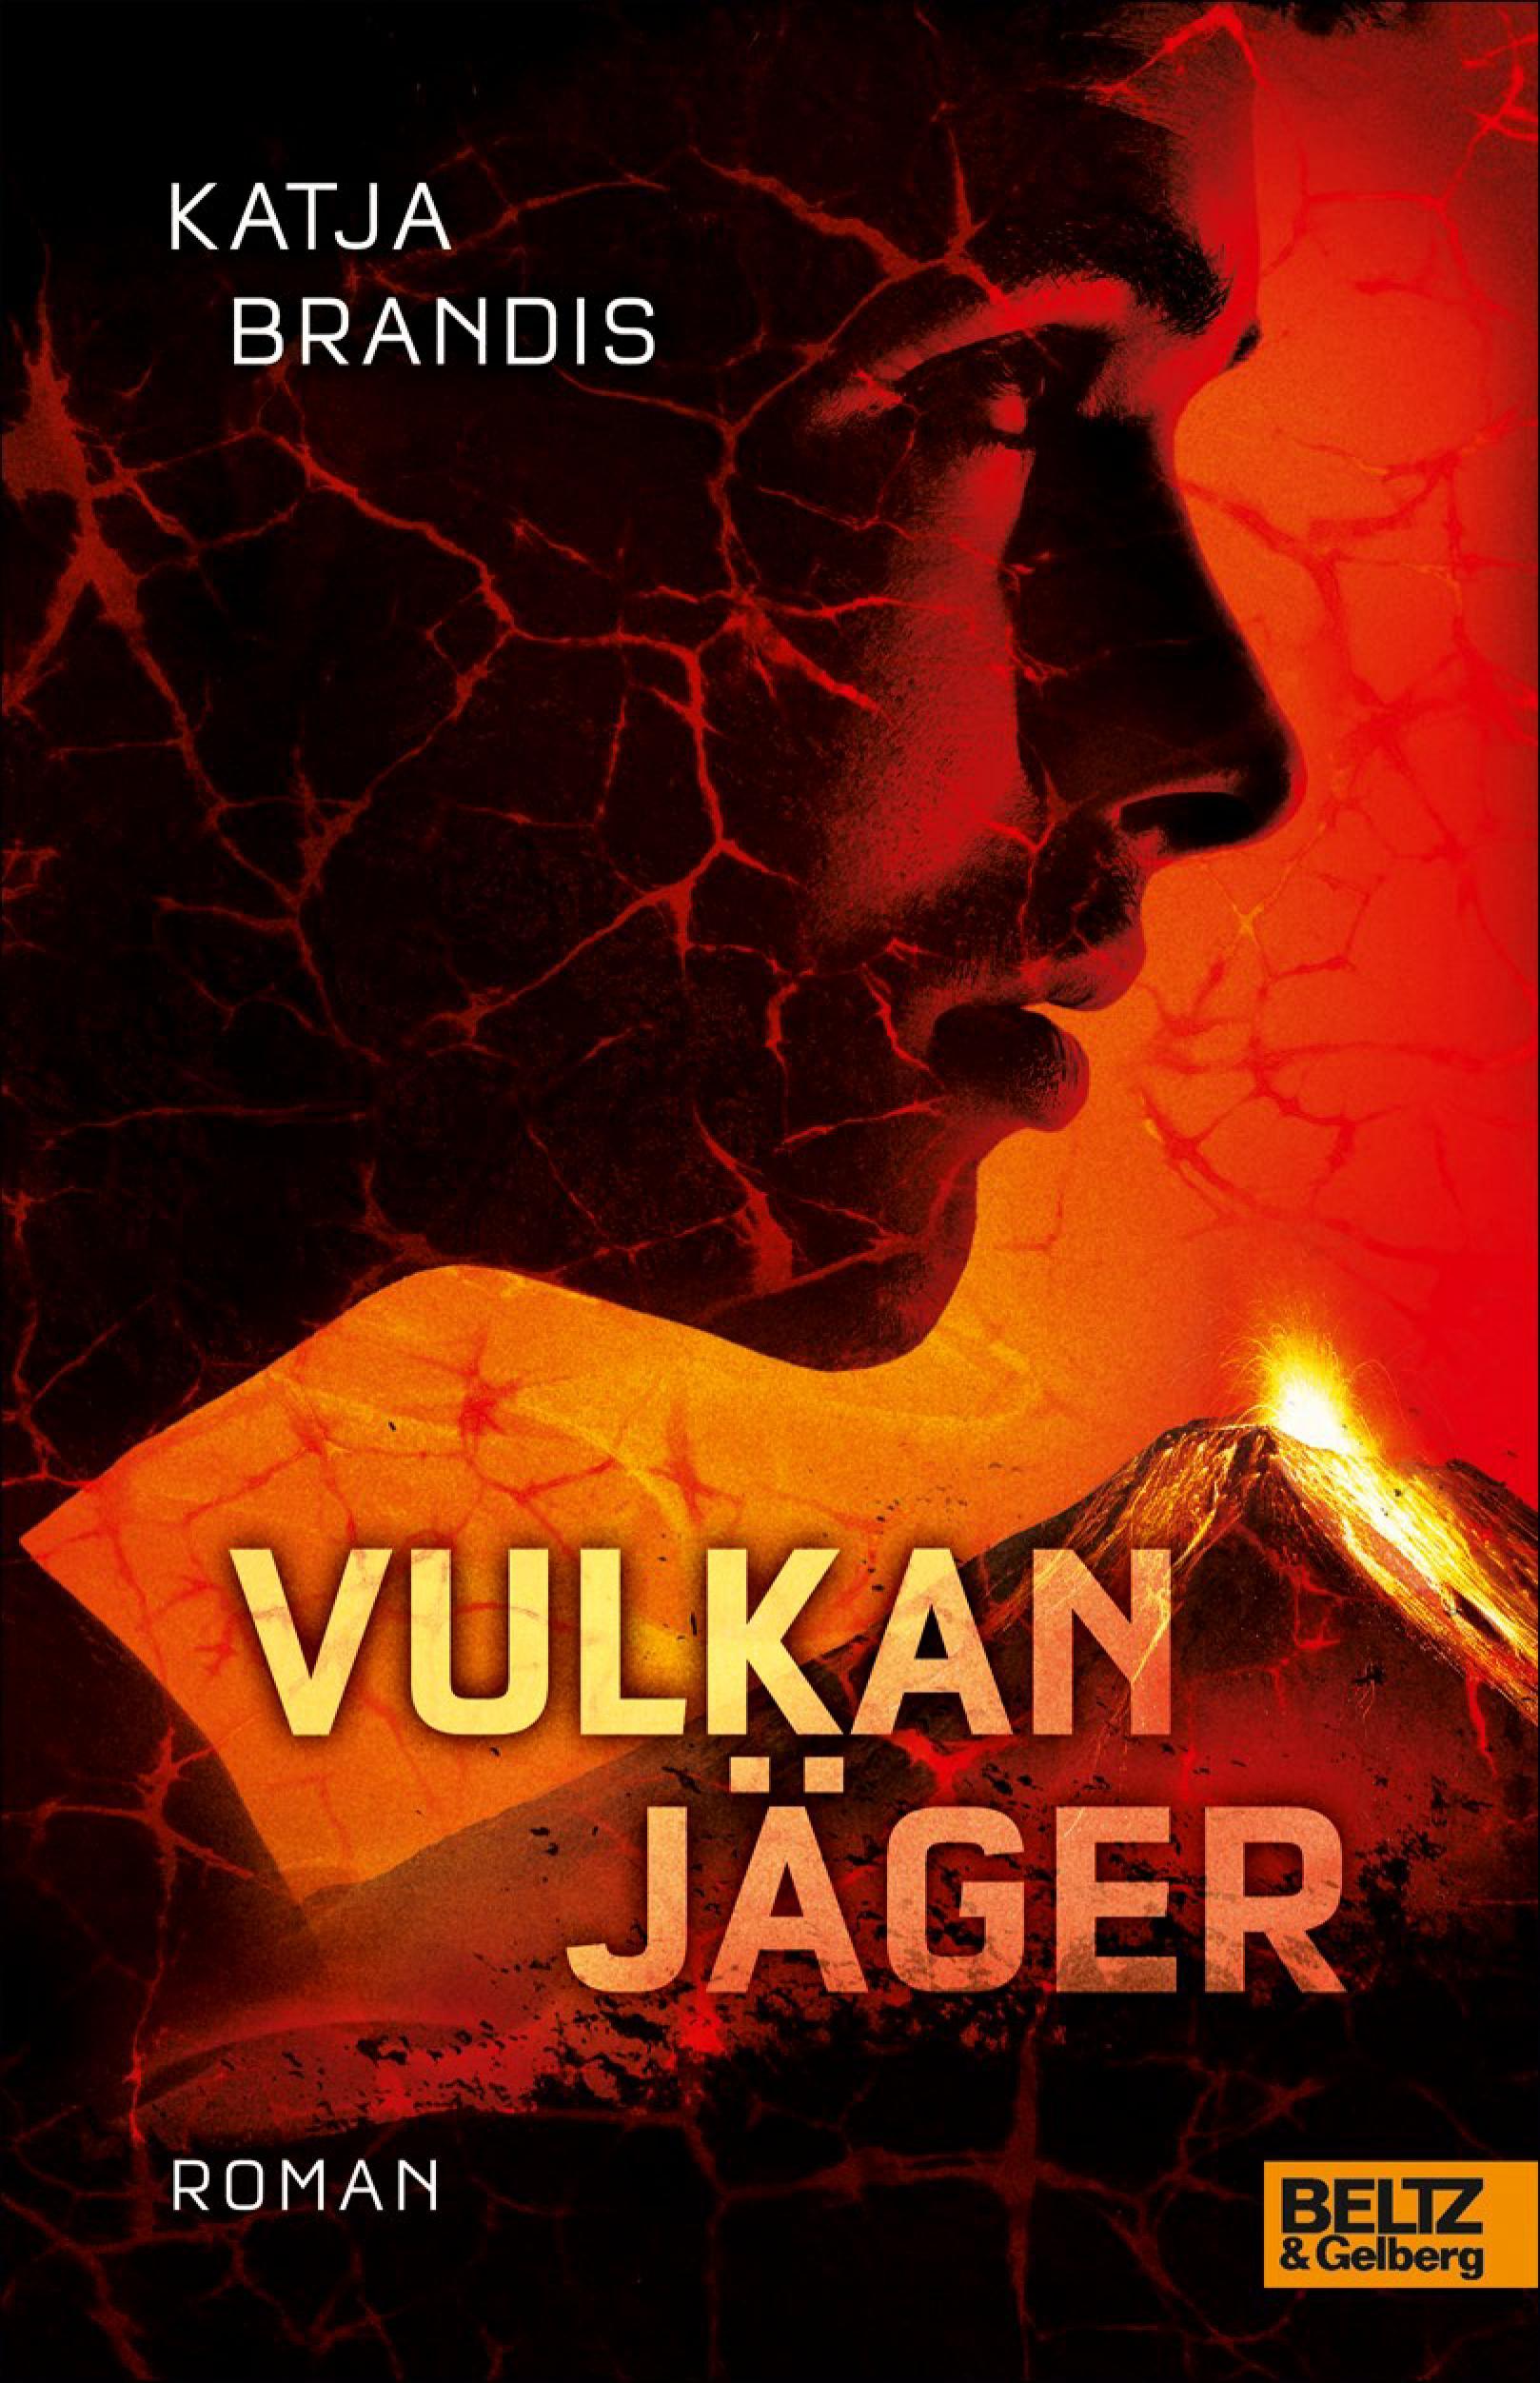 http://www.agentur-rumler.de/files/2014/03/Cover_Brandis_Vulkanj%C3%A4ger_BG.jpg